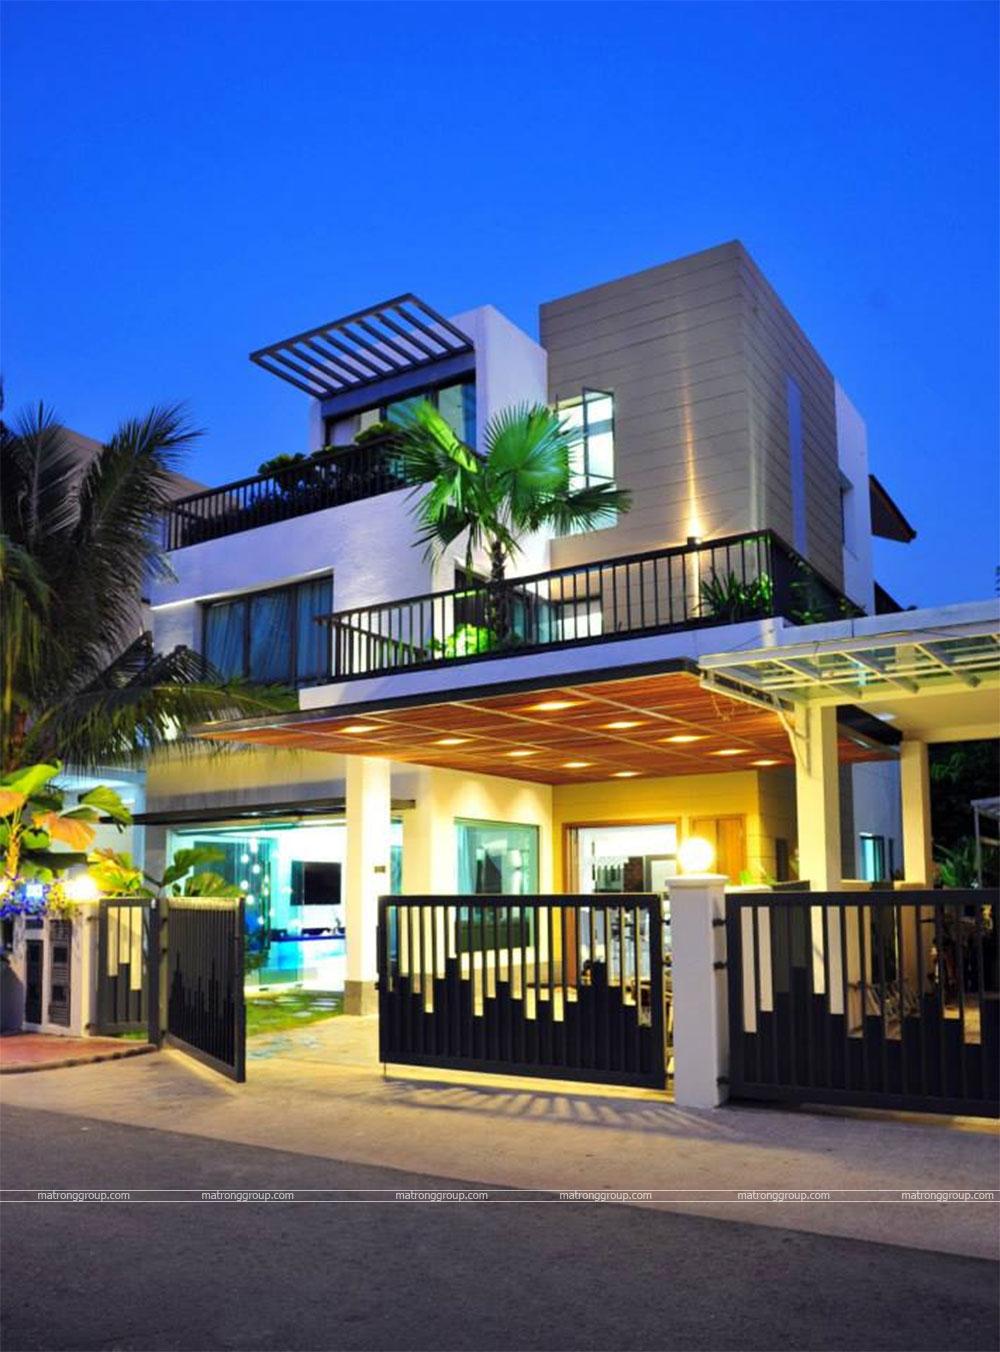 thiết kế thi công nhà phố hiện đại Trường Chinh, Q.12-HCM 1